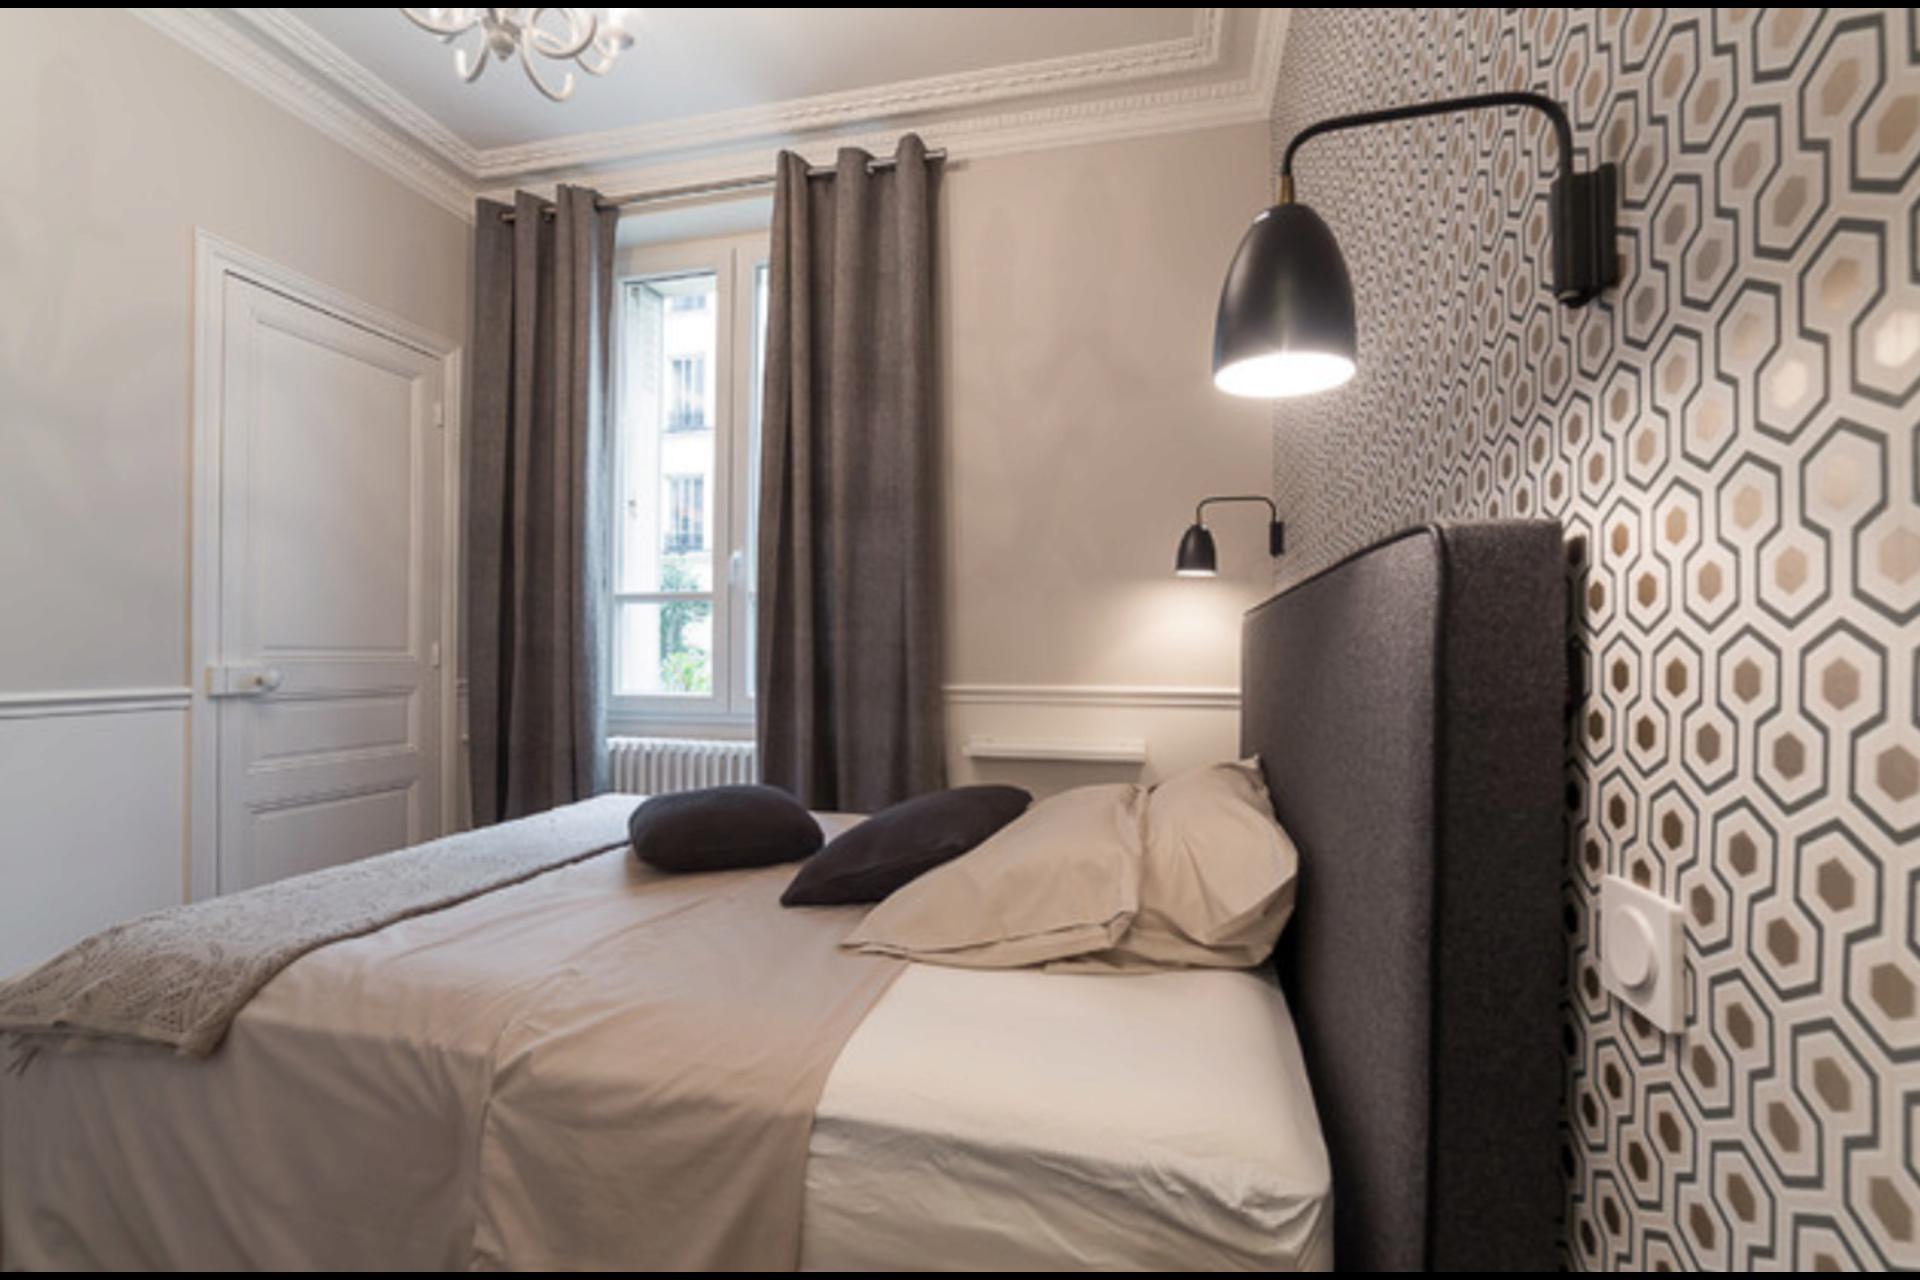 image 5 - Appartement À vendre Bordeaux - 3 pièces